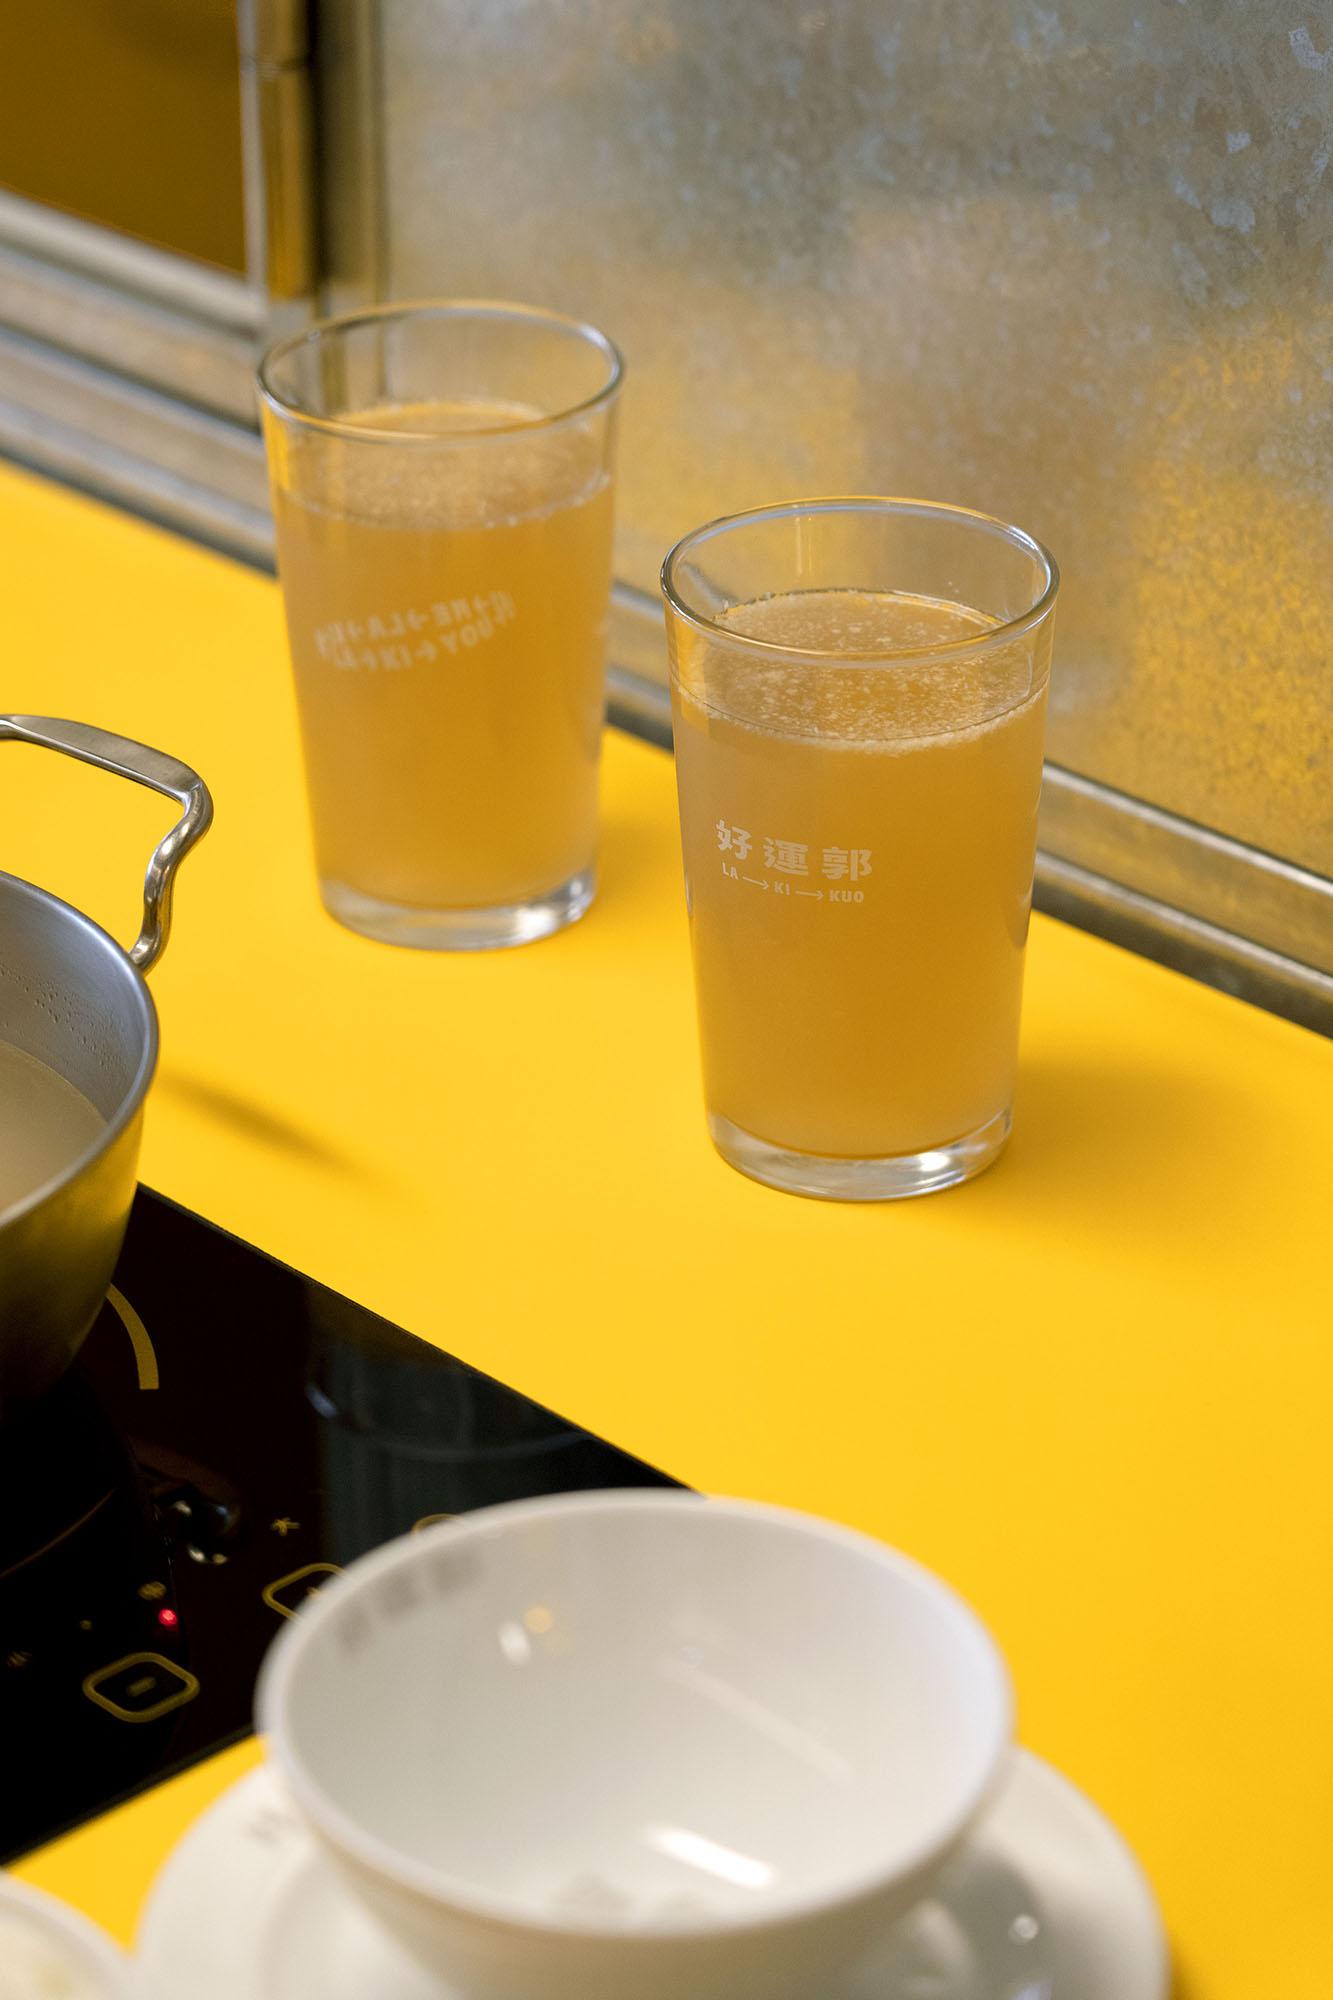 台北好運郭|東區鍋物,讓你試試今日手氣。